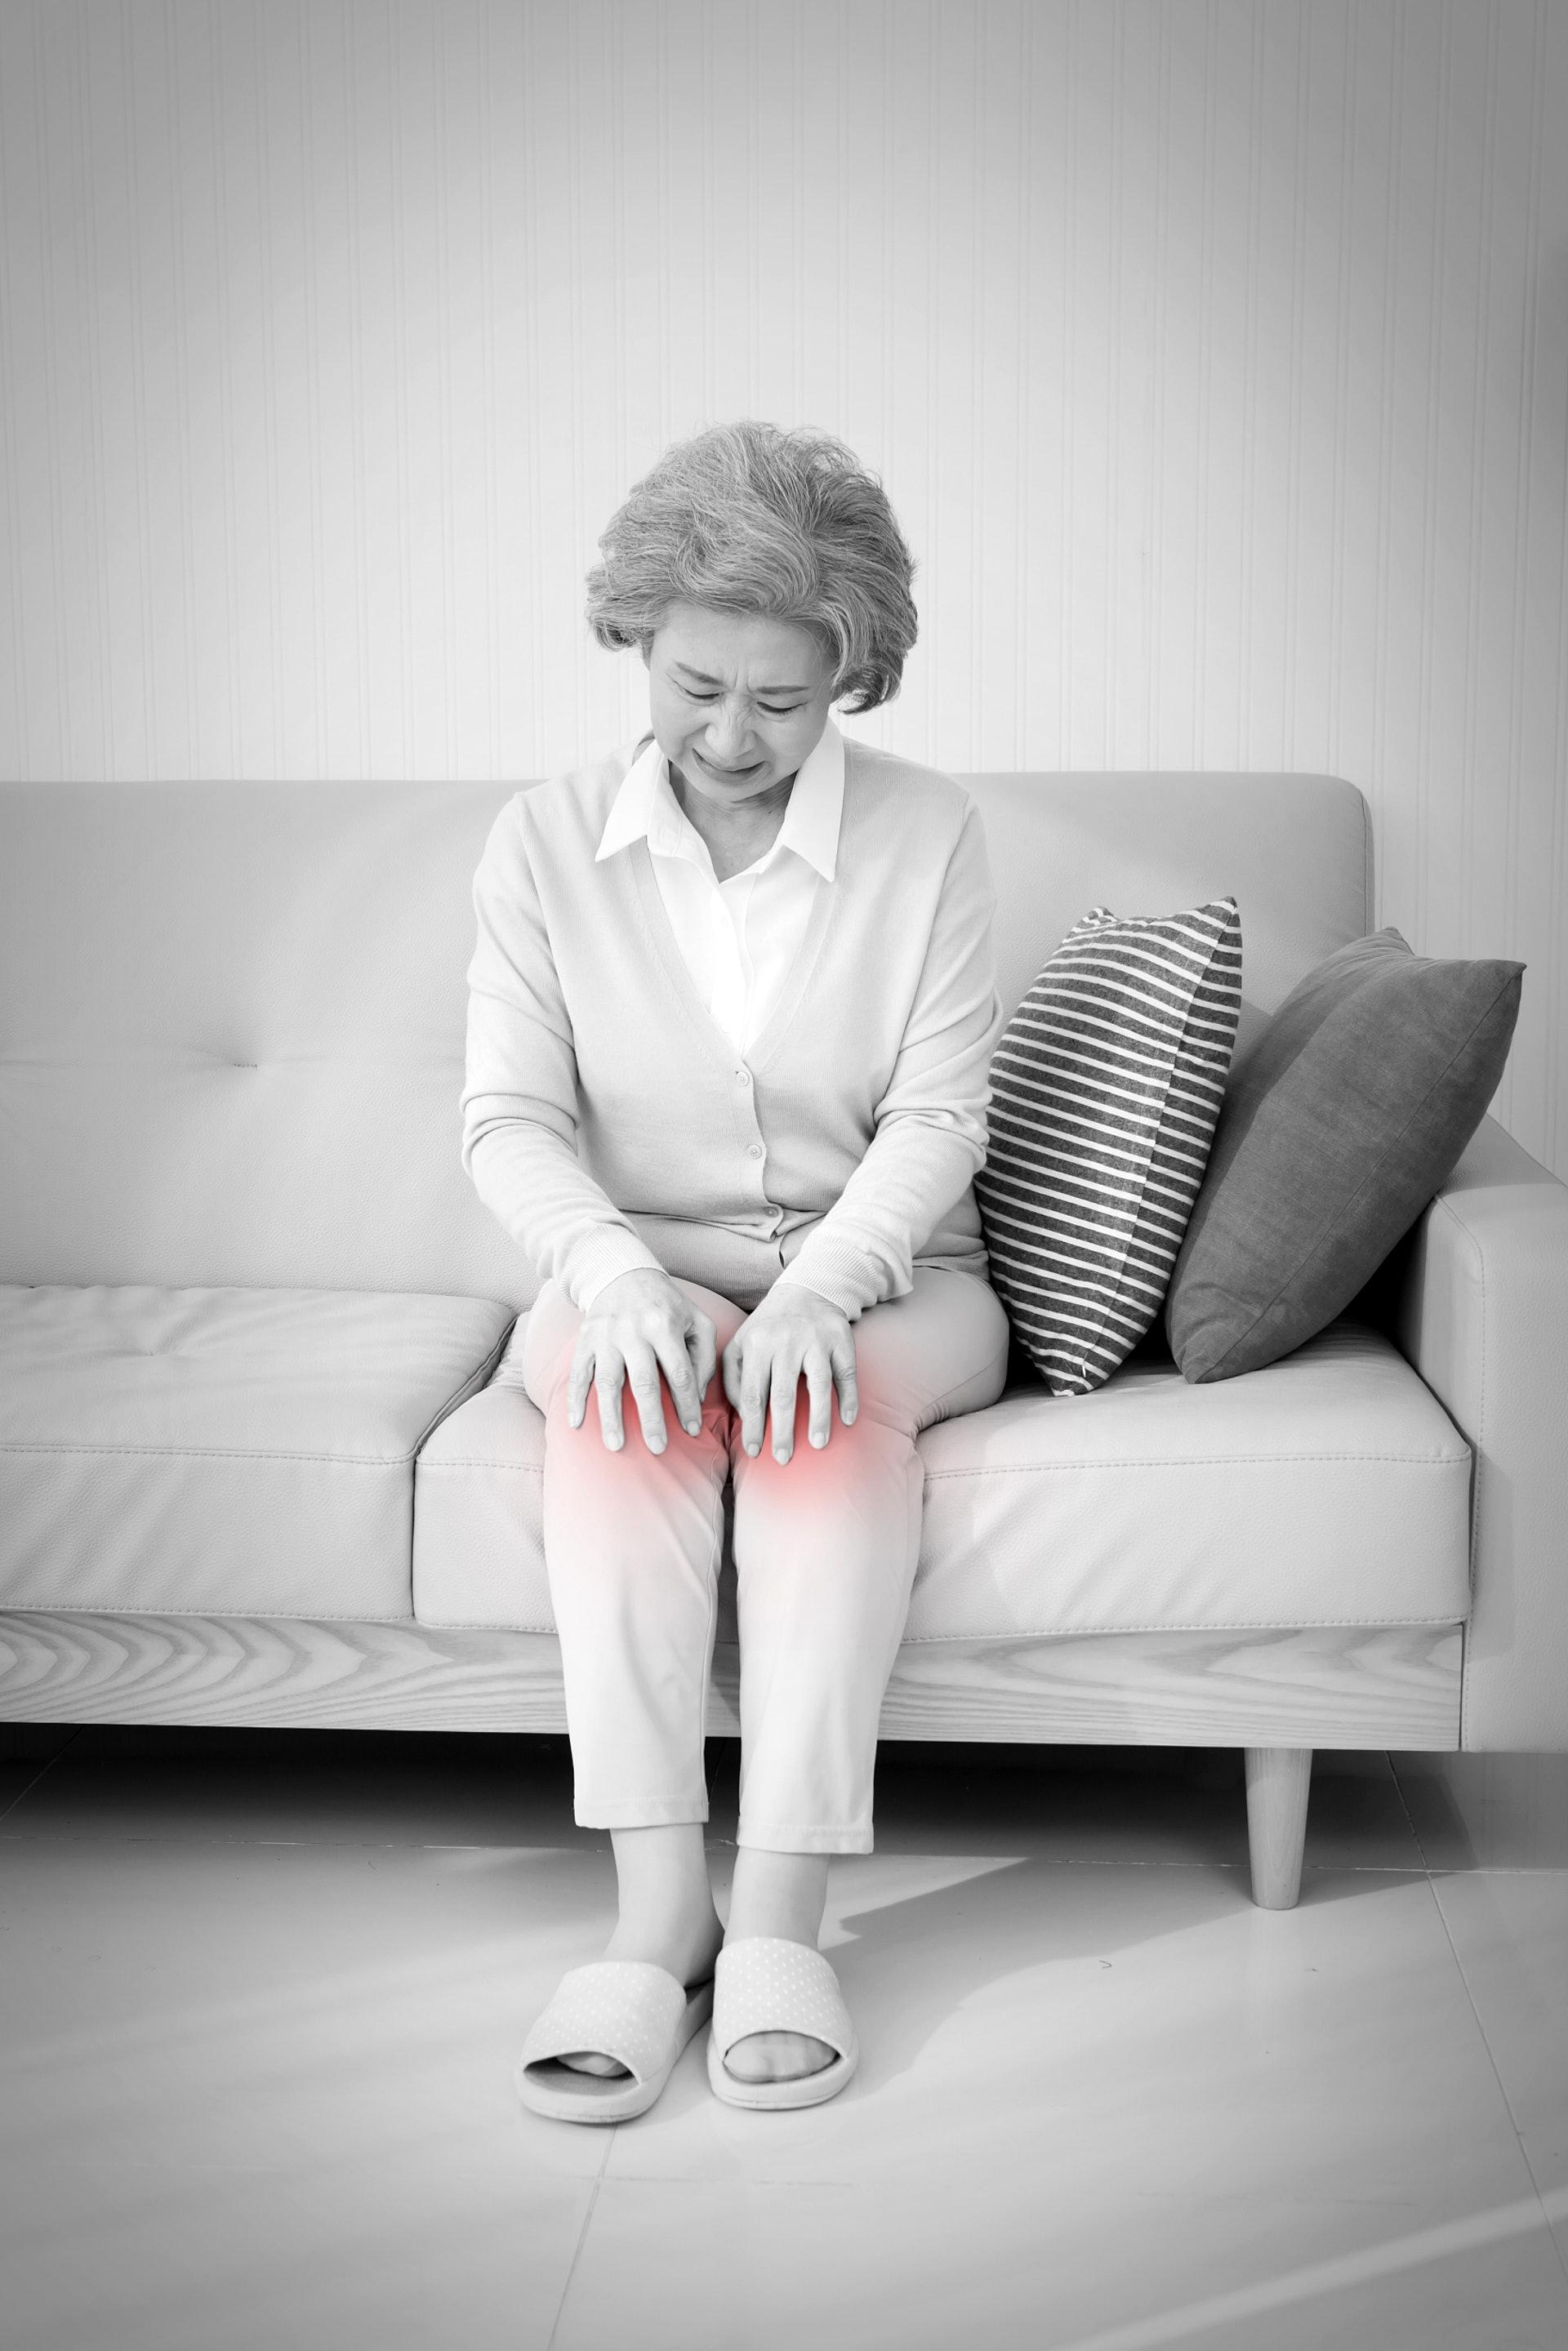 關節名醫呂紹睿指出,膝關節「退化」與年齡的關係並不是直接的,軟骨的破壞是從年輕就開始,發病年齡與膝關節不當使用的強度以及頻率有關,而非與年老有必然關係。(視覺中國)